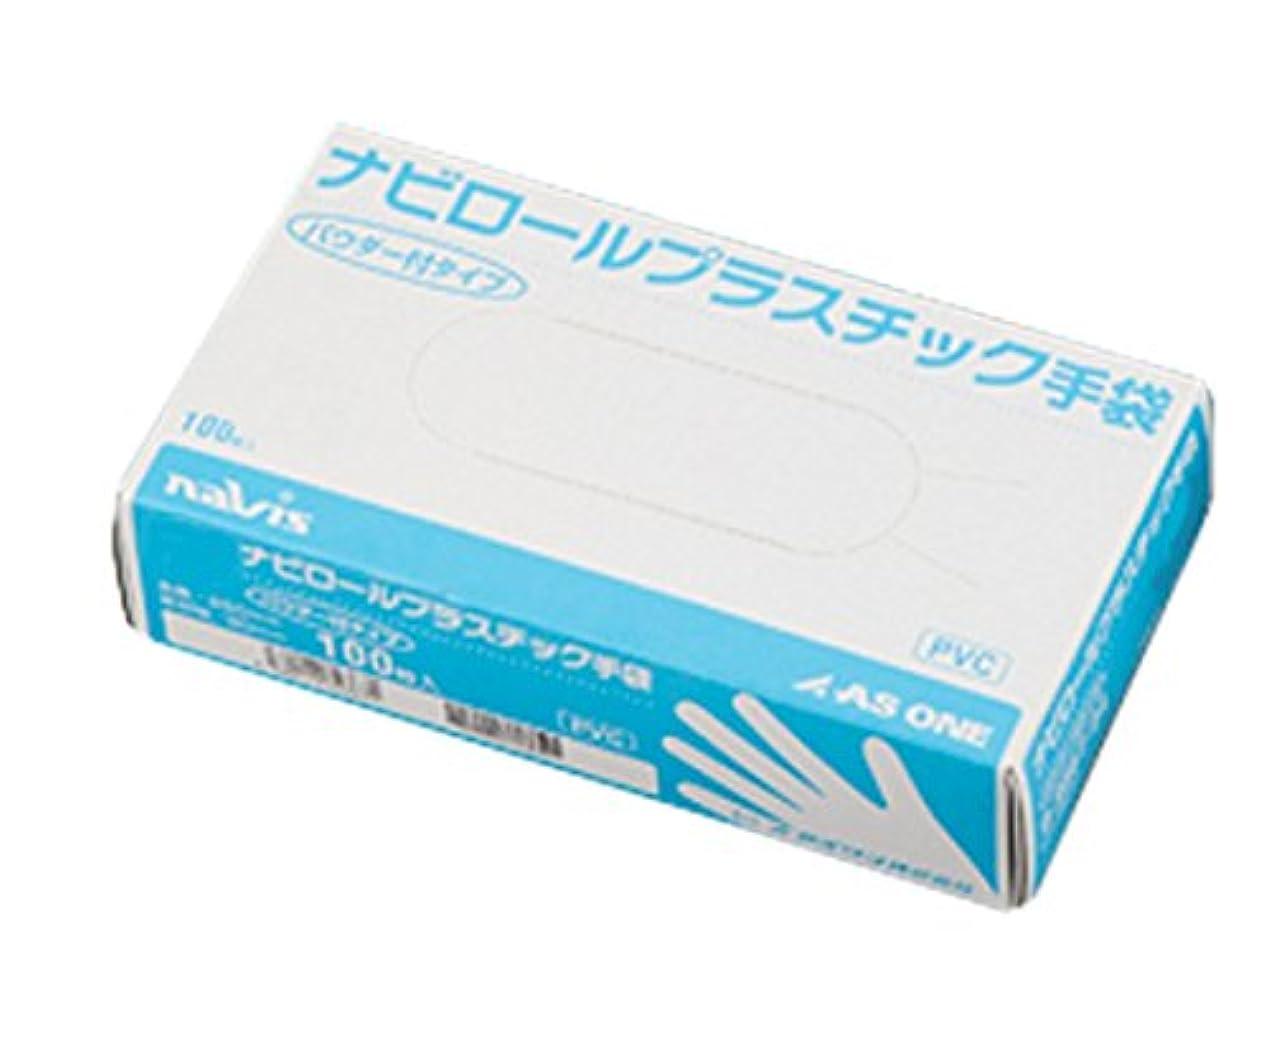 実際の腫瘍裏切り者アズワン ナビロールプラスチック手袋(パウダー付き) L 100枚入 /0-9867-01